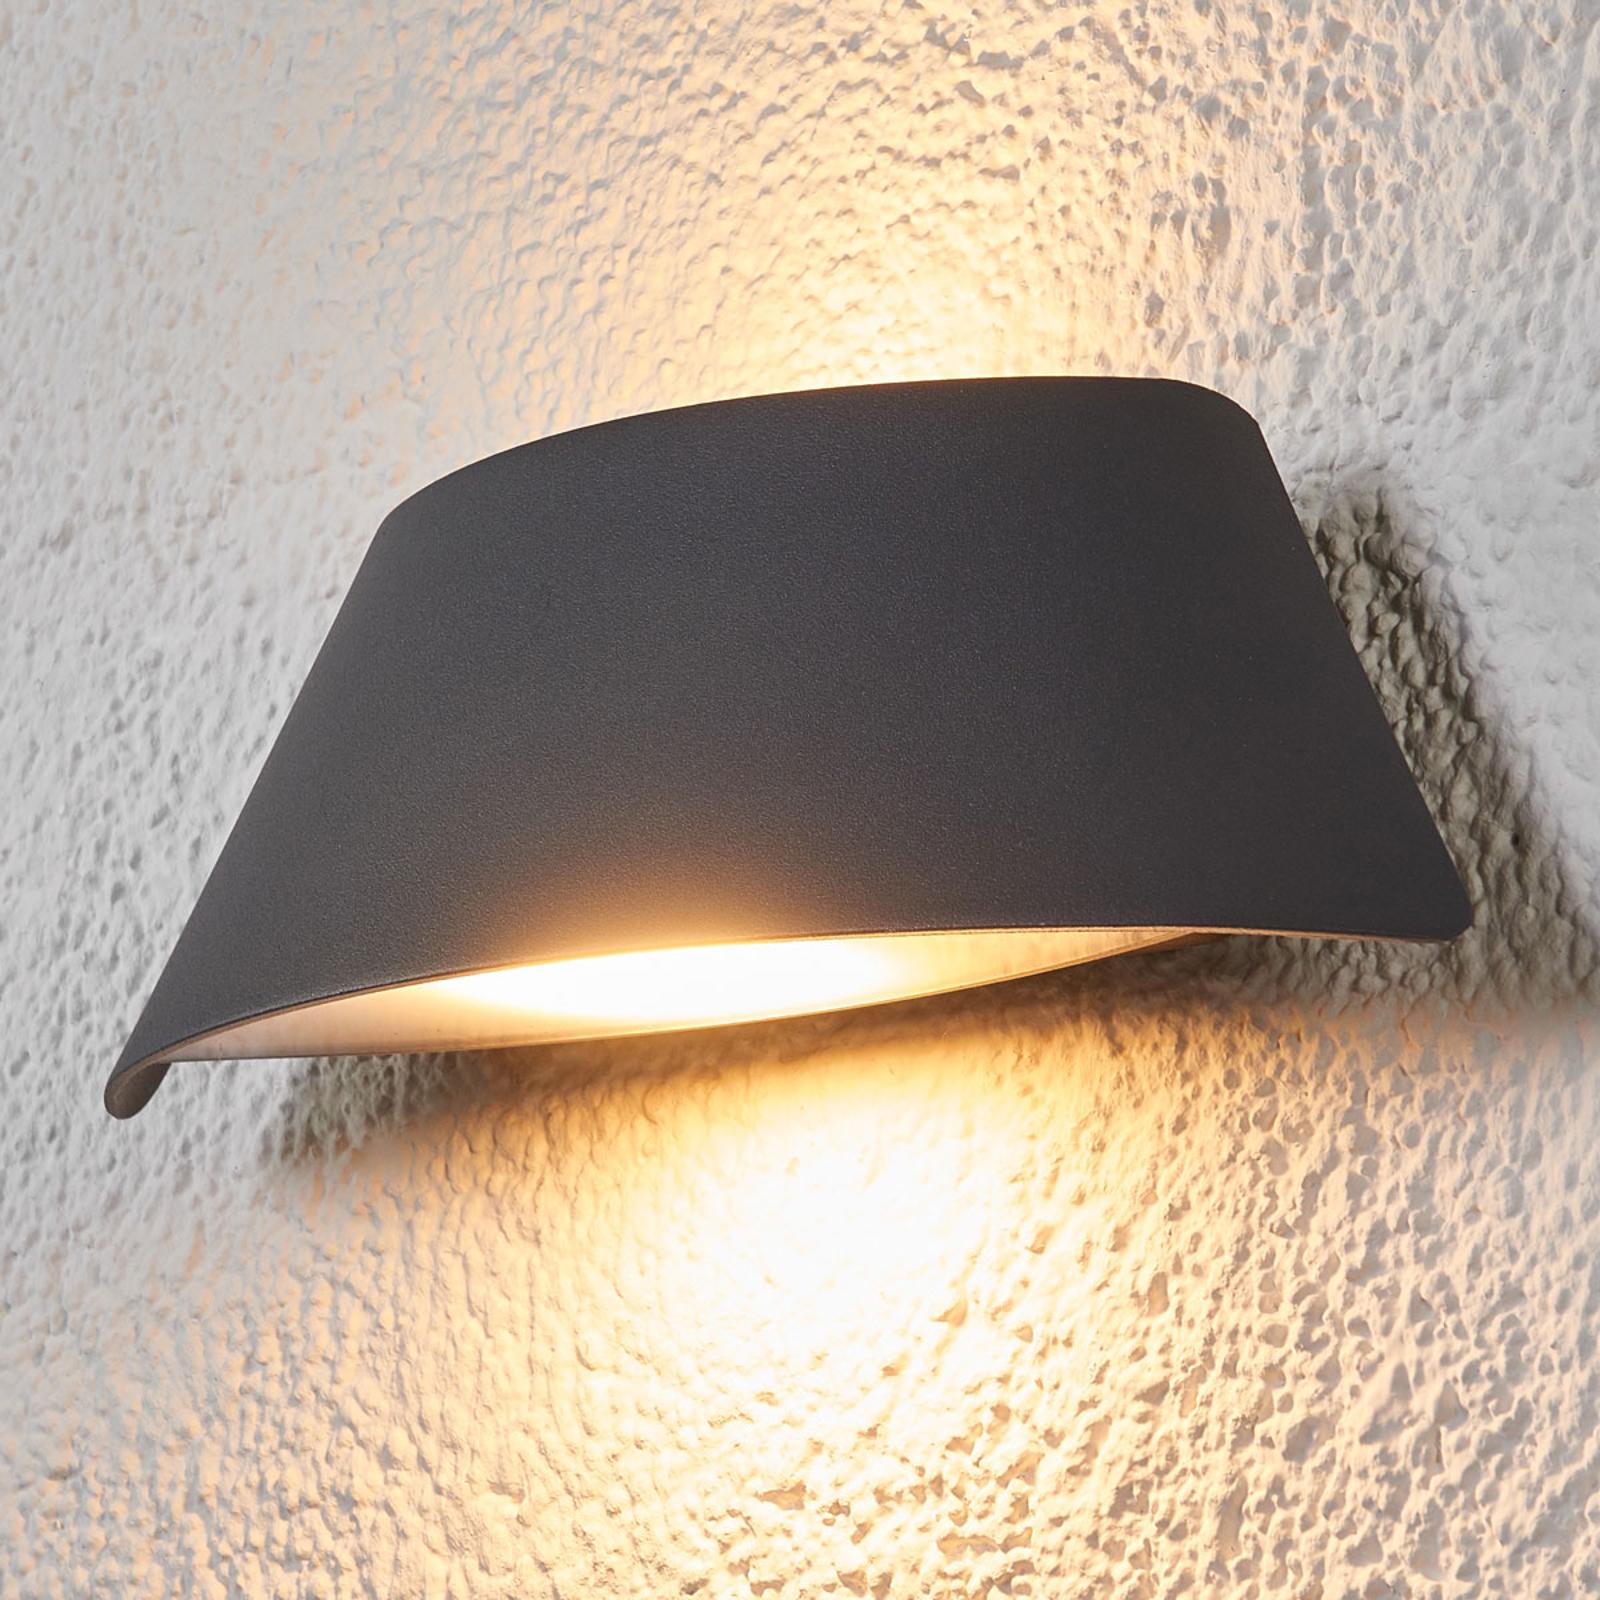 Glen trapeslignende utendørs LED-vegglampe IP65